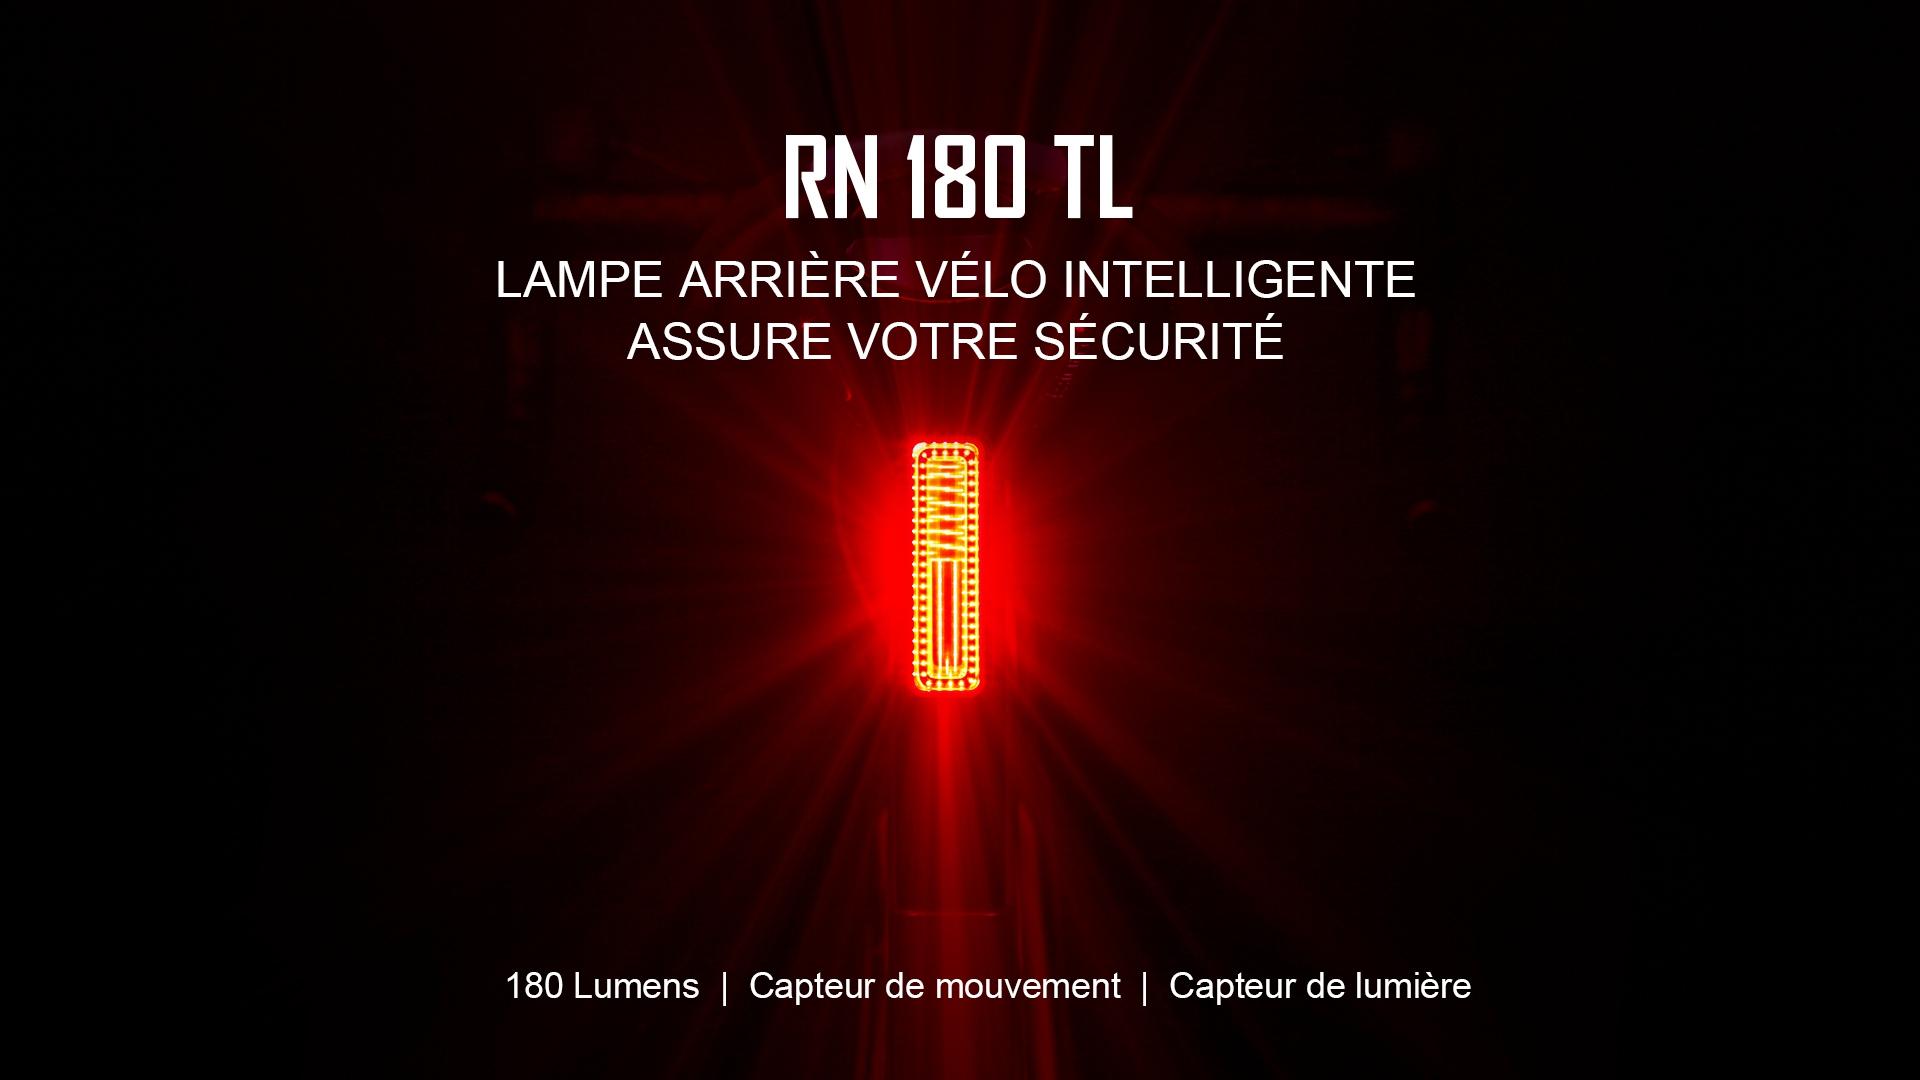 RN 180 TL lampe arrière vélo intelligente